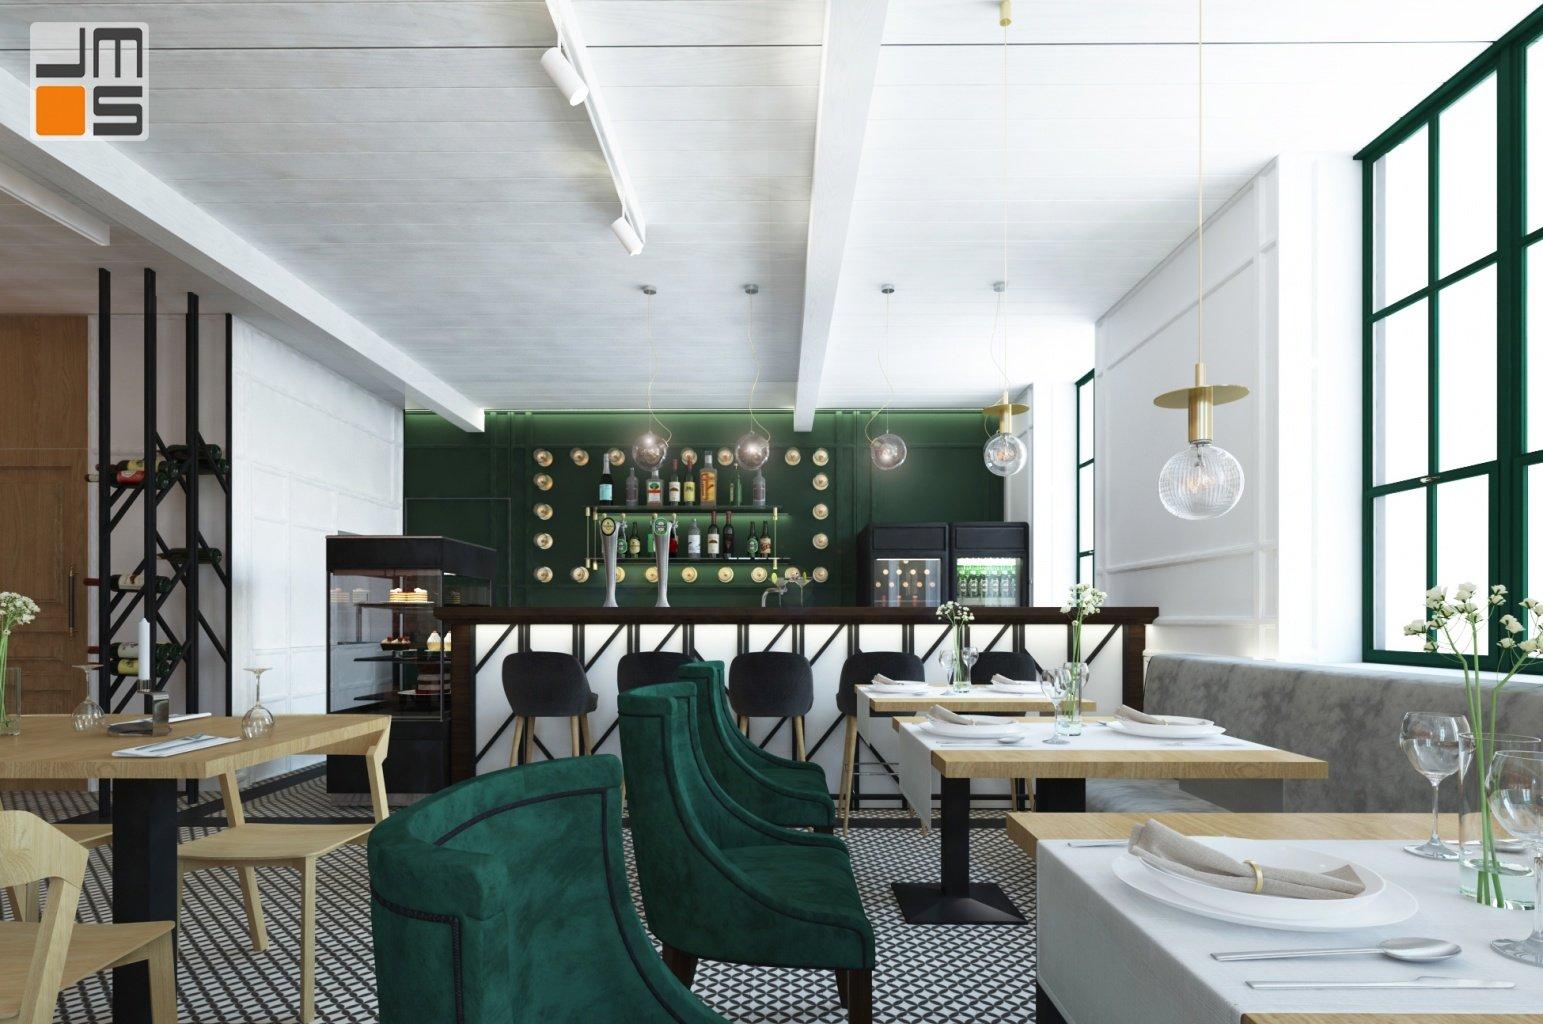 Zielony bar z ciekawym pomysłem na oświetlenie półek w projekcie wnętrz eleganckiego baru restauracji